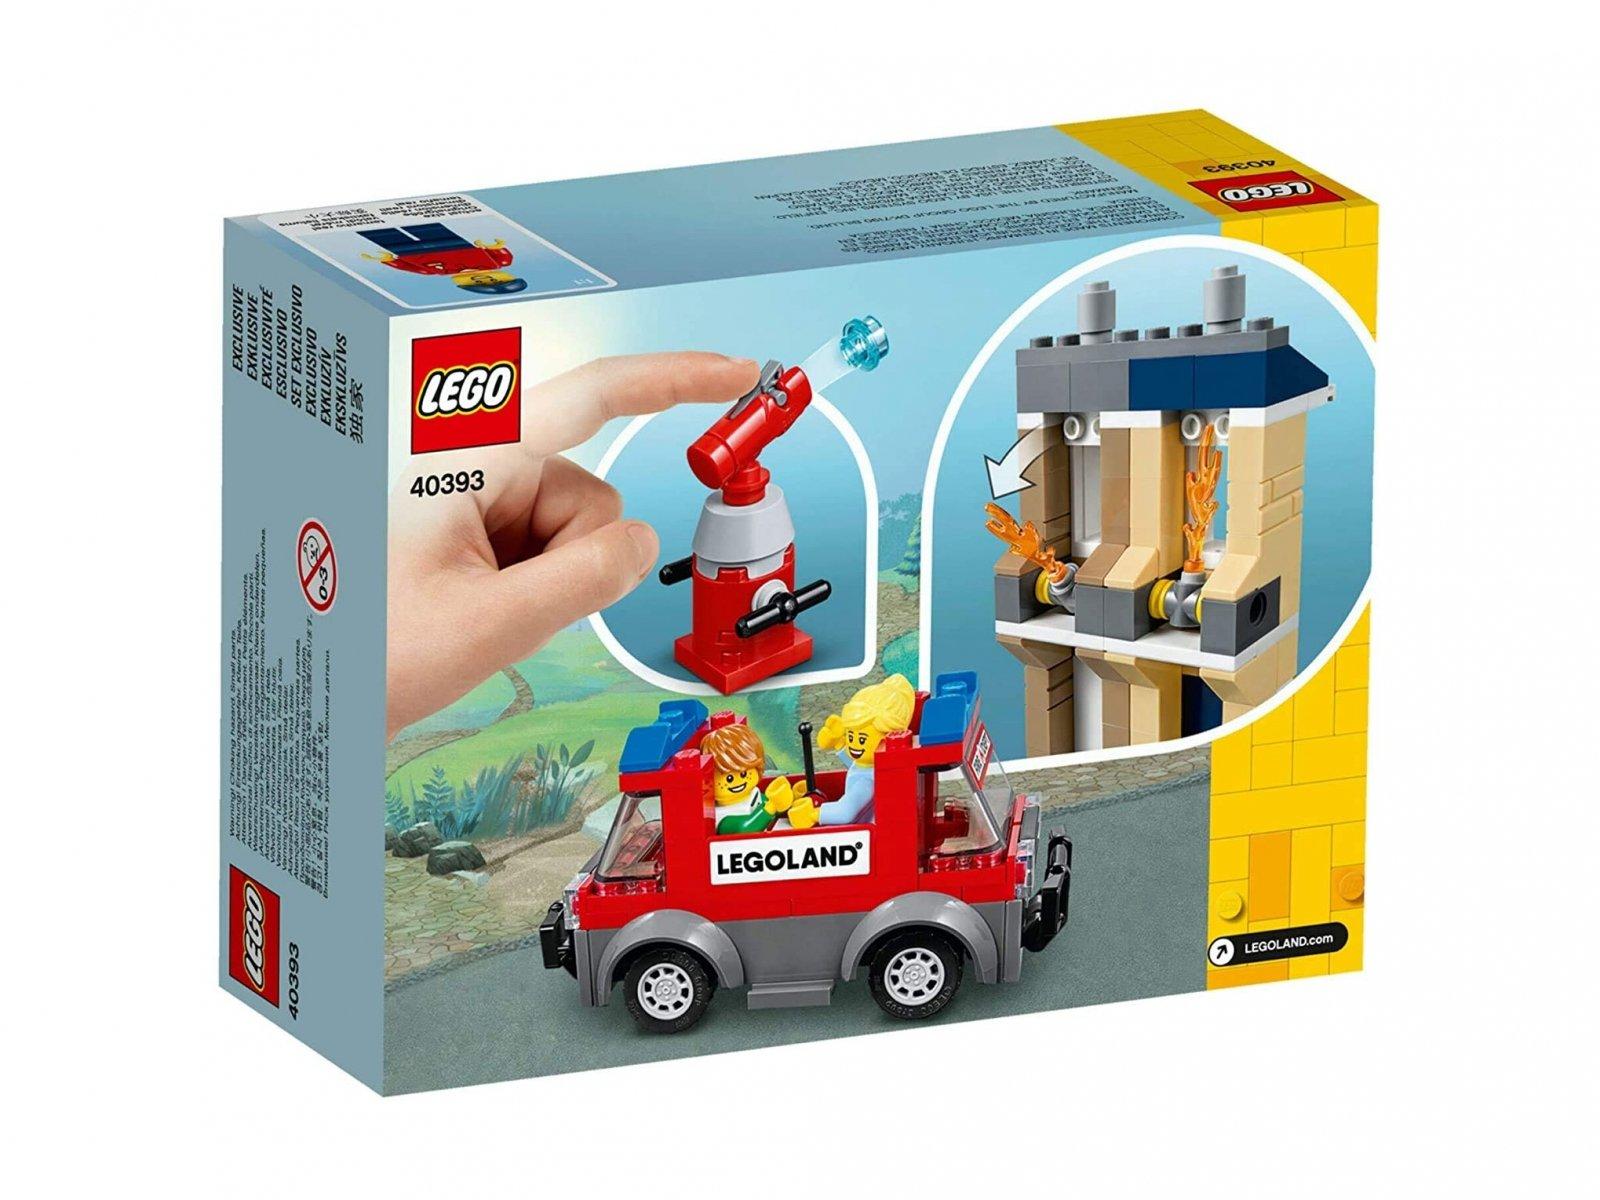 LEGO LEGOLAND 40393 Szkoła pożarnicza w parku LEGOLAND®